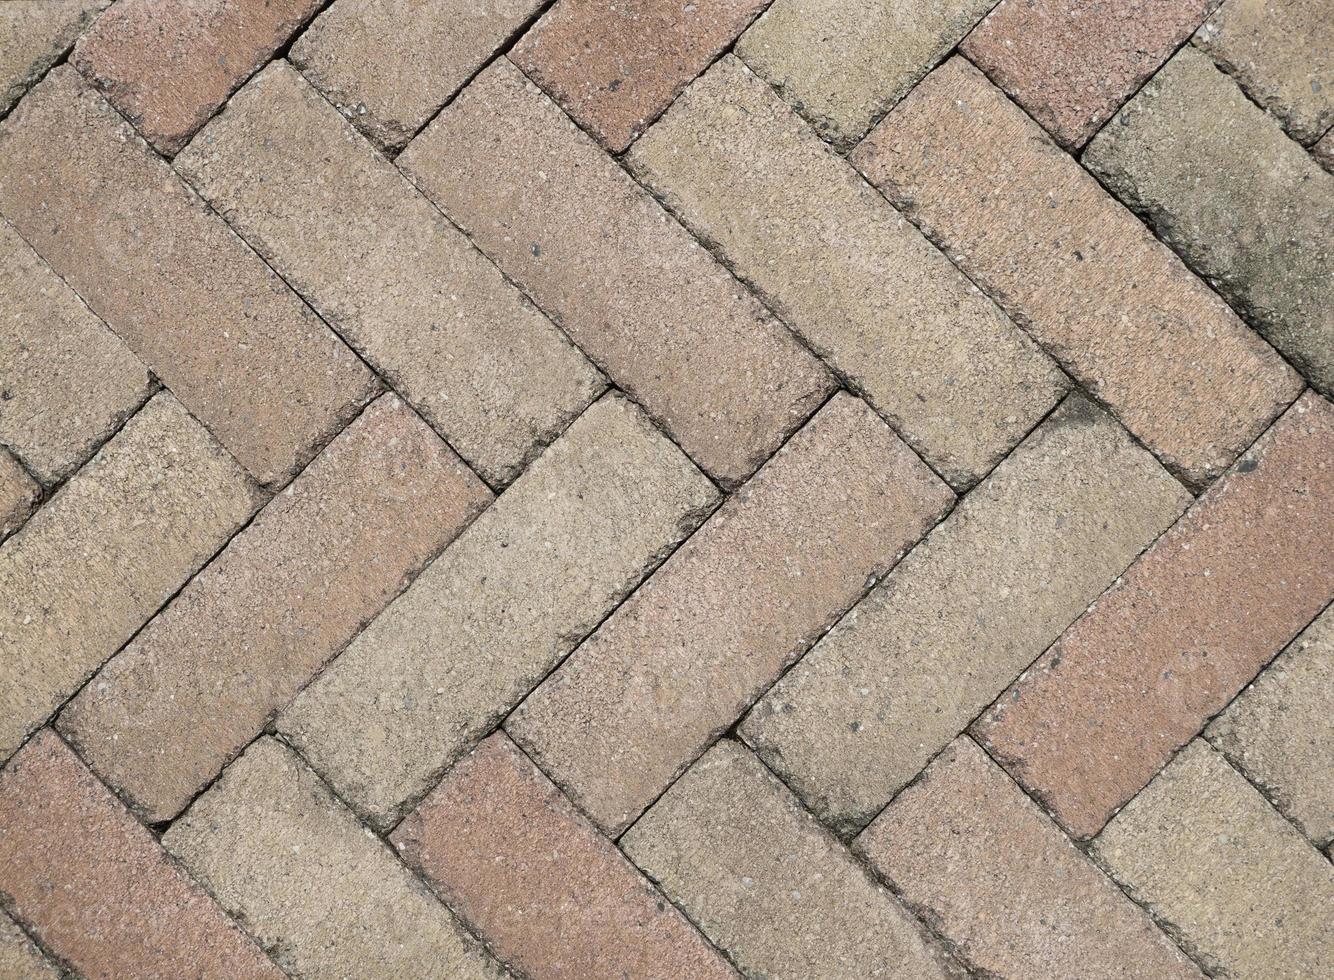 Brick floor photo